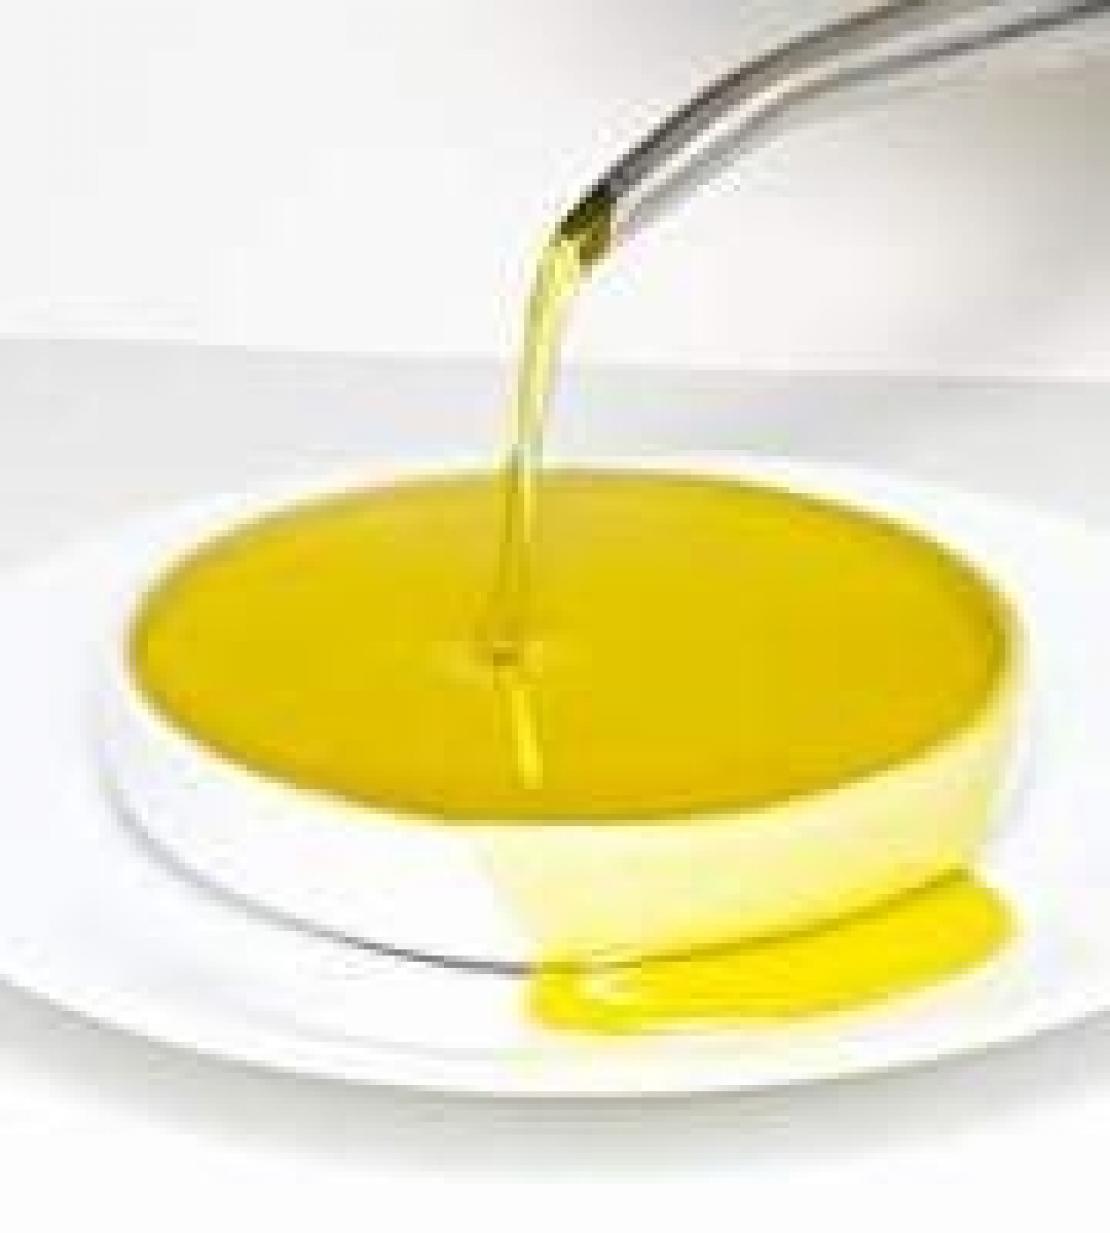 Se l'olio italiano costasse come il vino sicuramente se ne consumerebbe di più